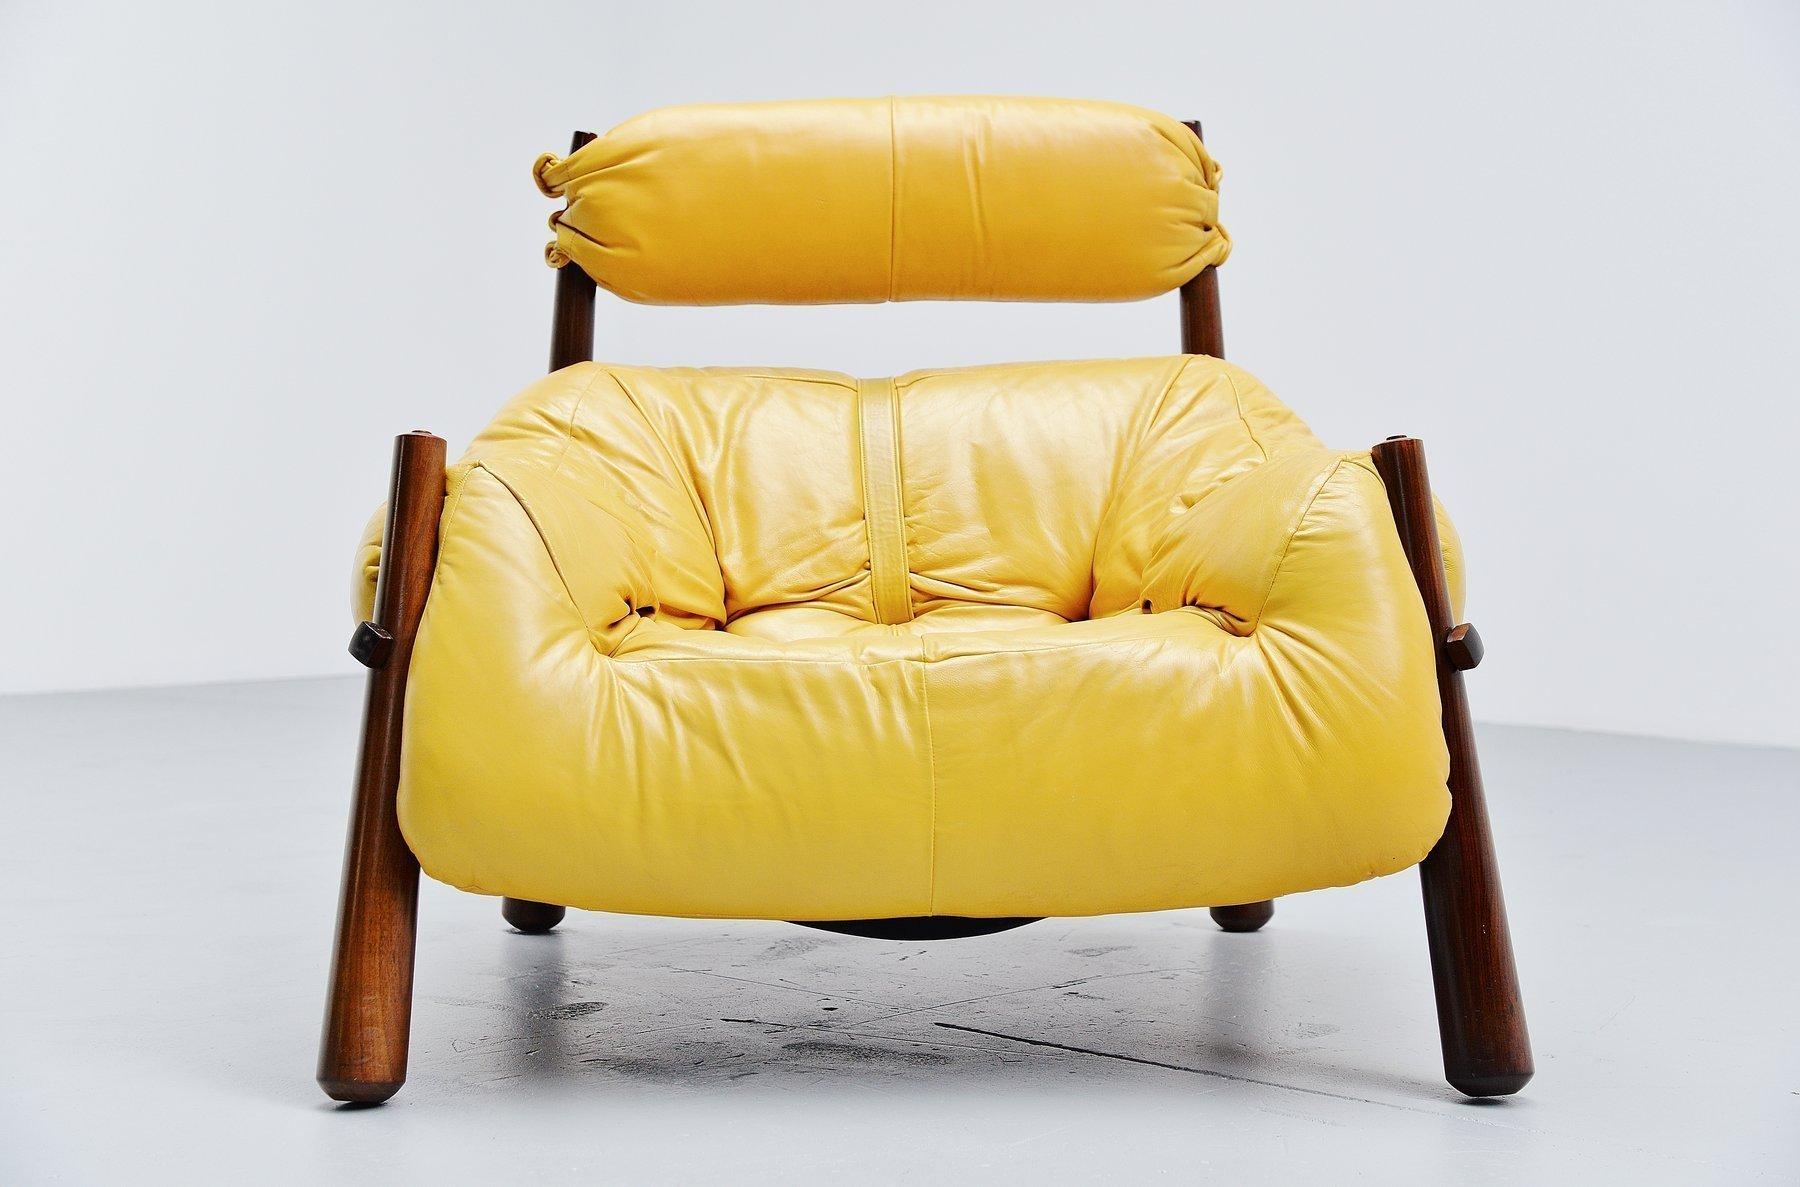 Percival Lafer Lounge Chair Brazil 1958 Massmoderndesign